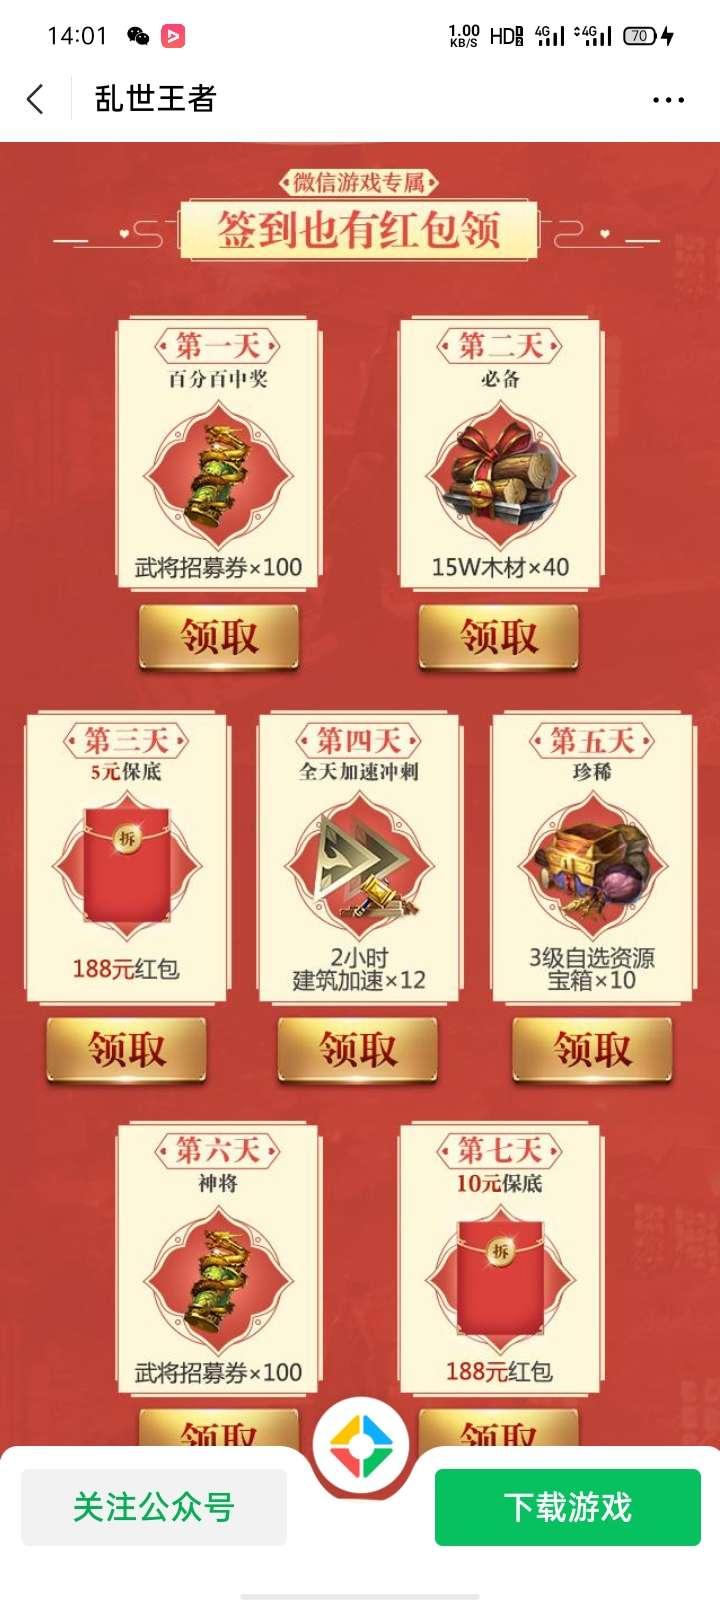 乱世王者手游微信新一期试玩领取5-199元微信红包奖插图1